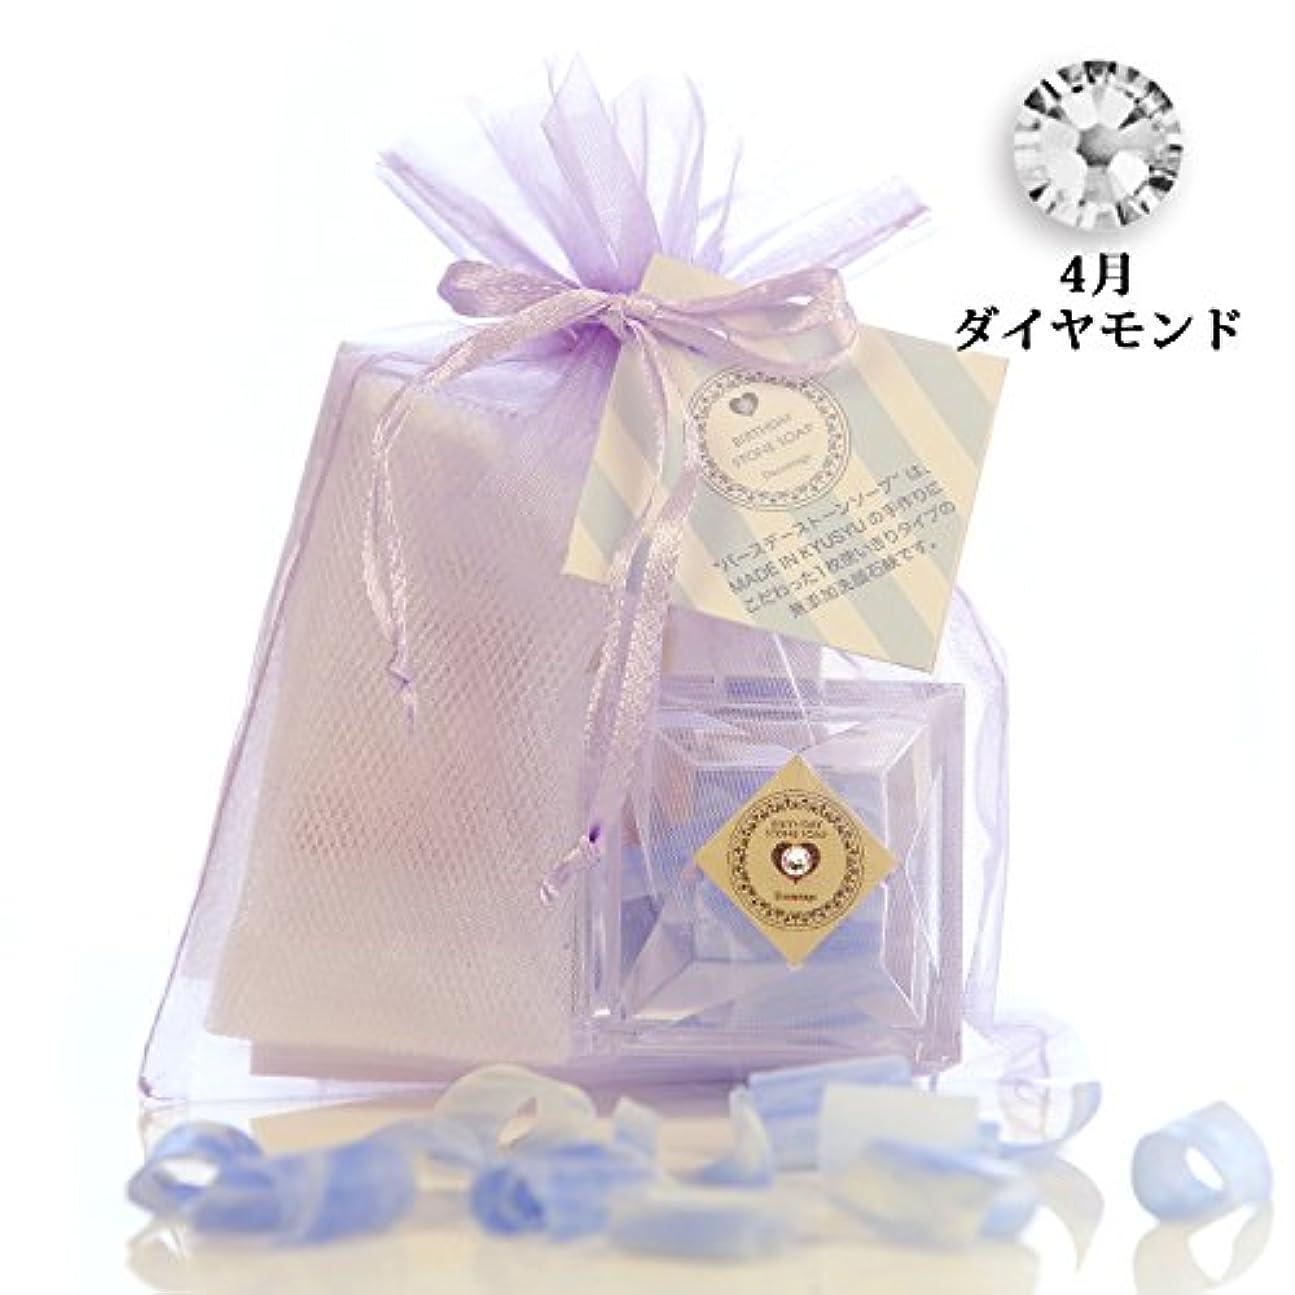 生産性おなじみの毎回誕生月で選べるバースデーストーンソープ マリンmini プチギフト 【4月】 ダイヤモンド(プルメリアの香り)